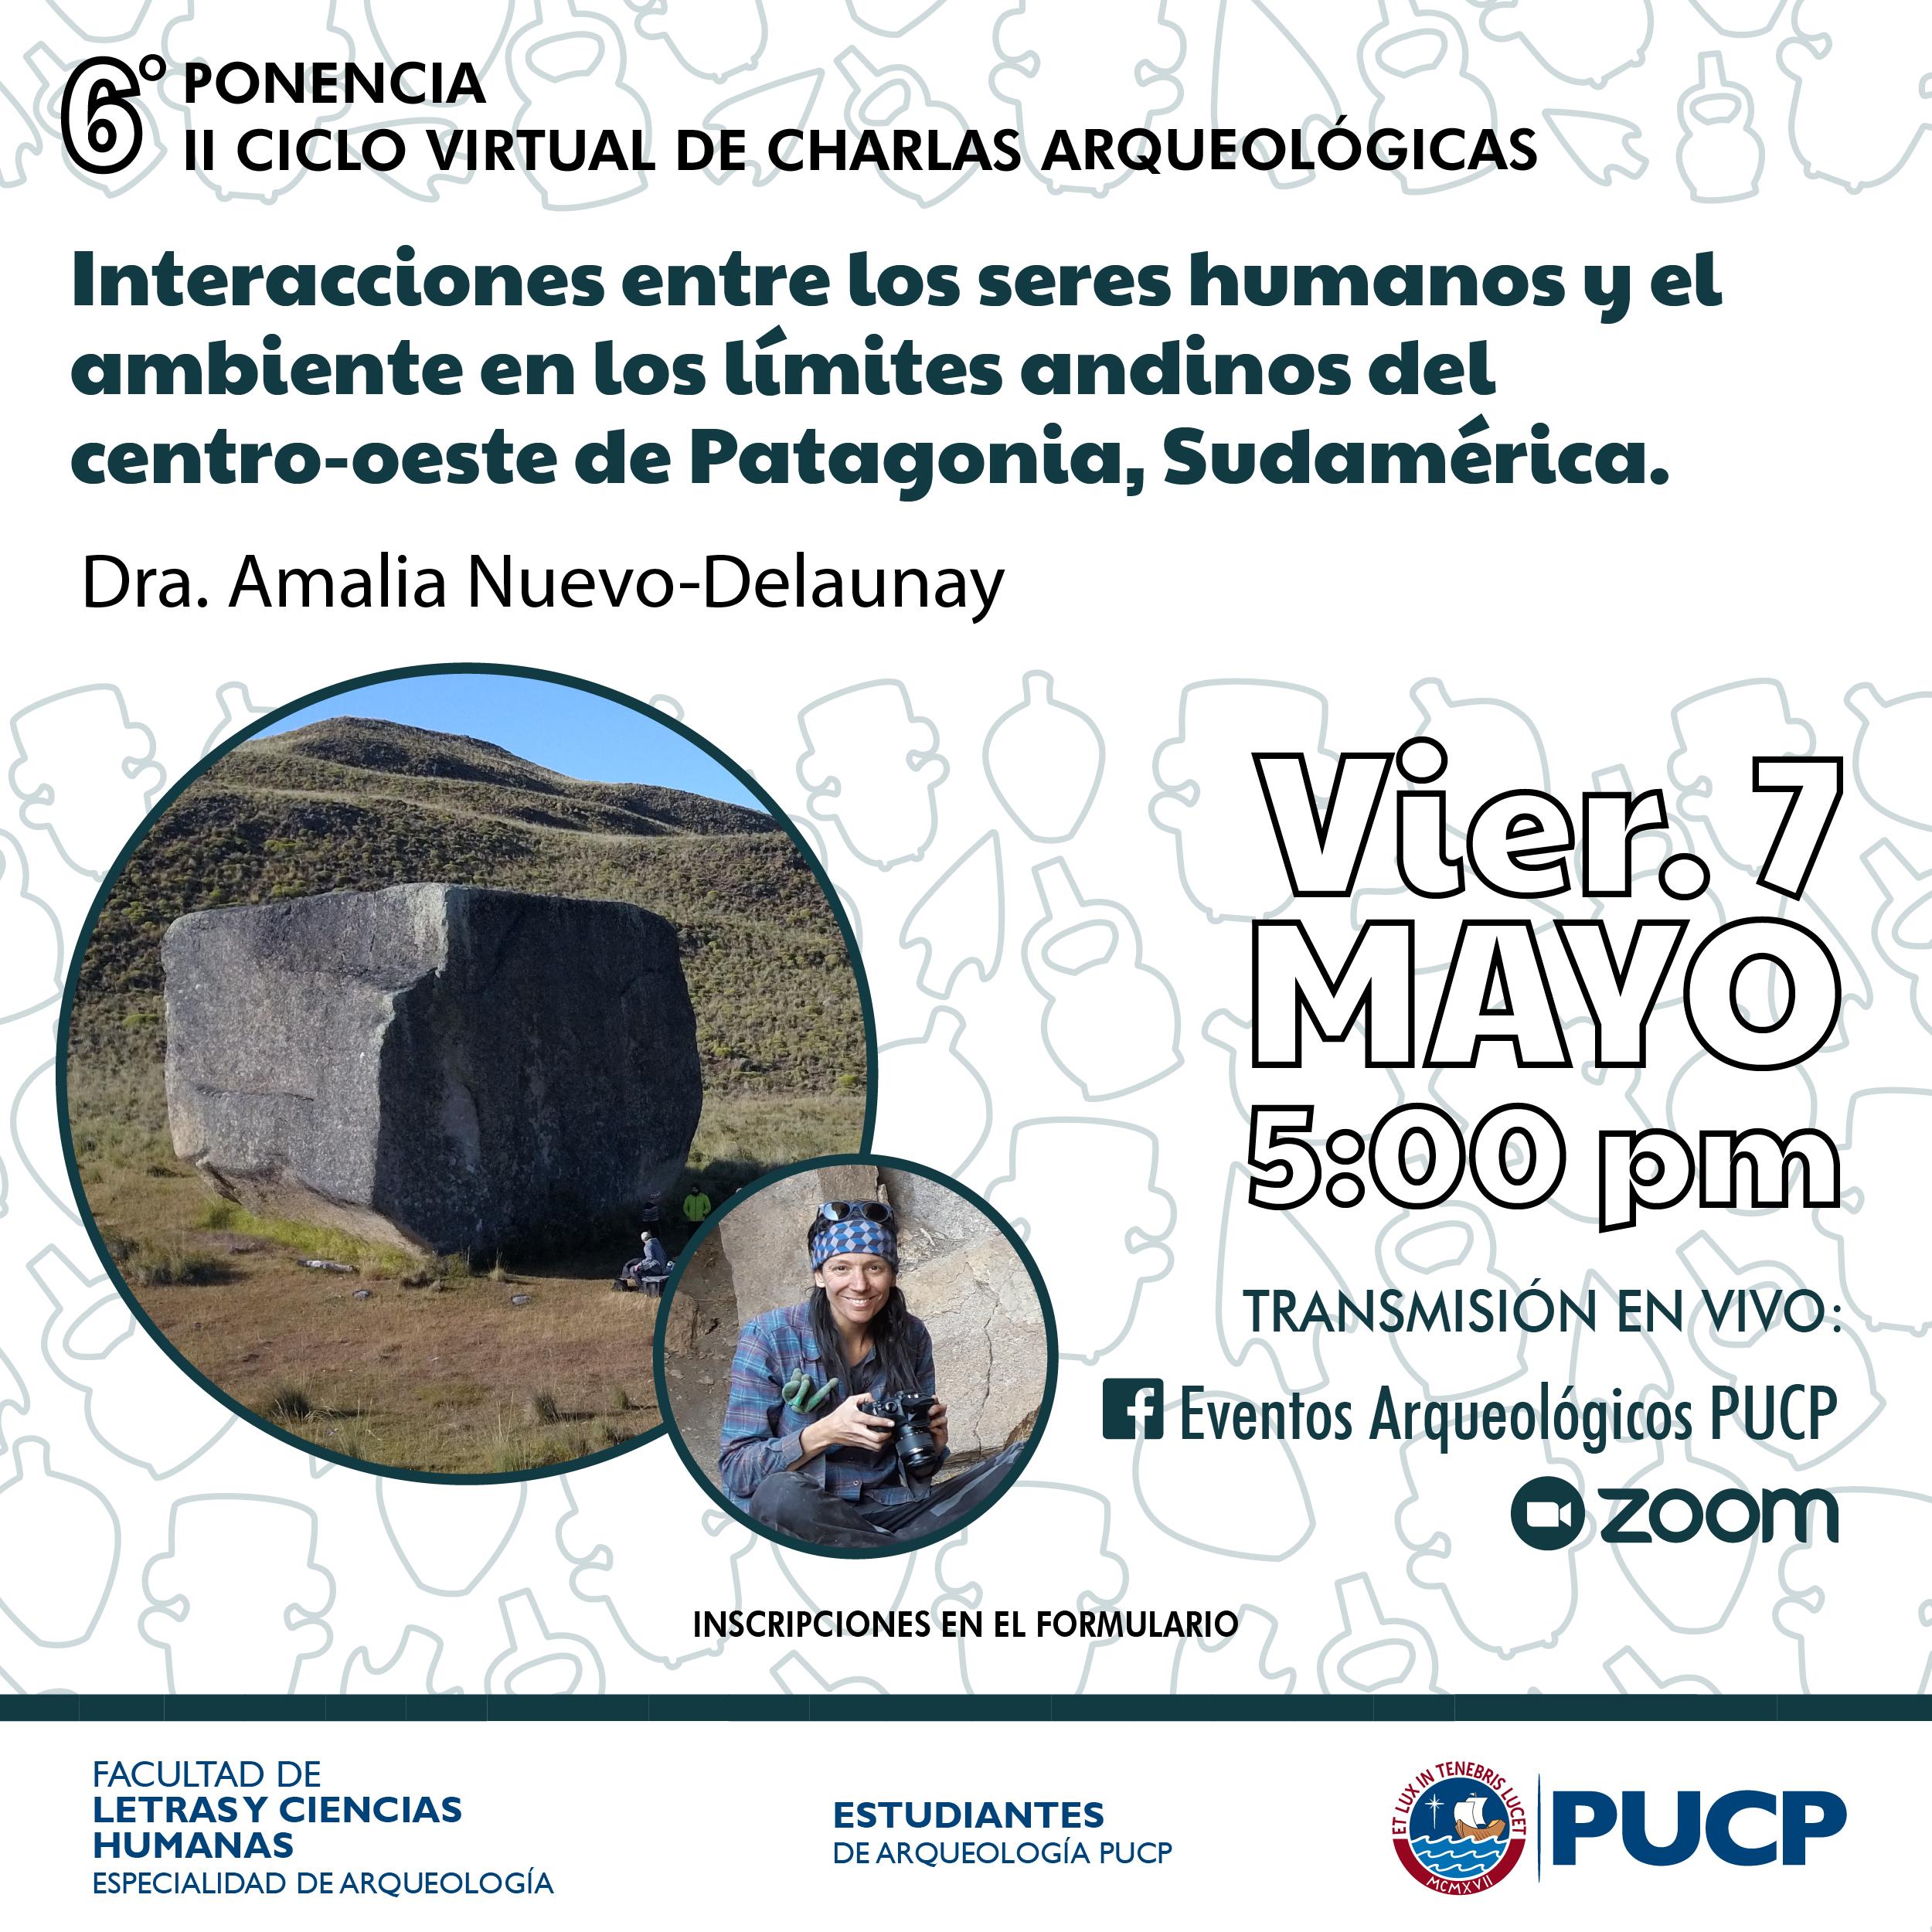 Interacciones entre los seres humanos y el ambiente en los límites andinos del centro-oeste de Patagonia, Sudamérica